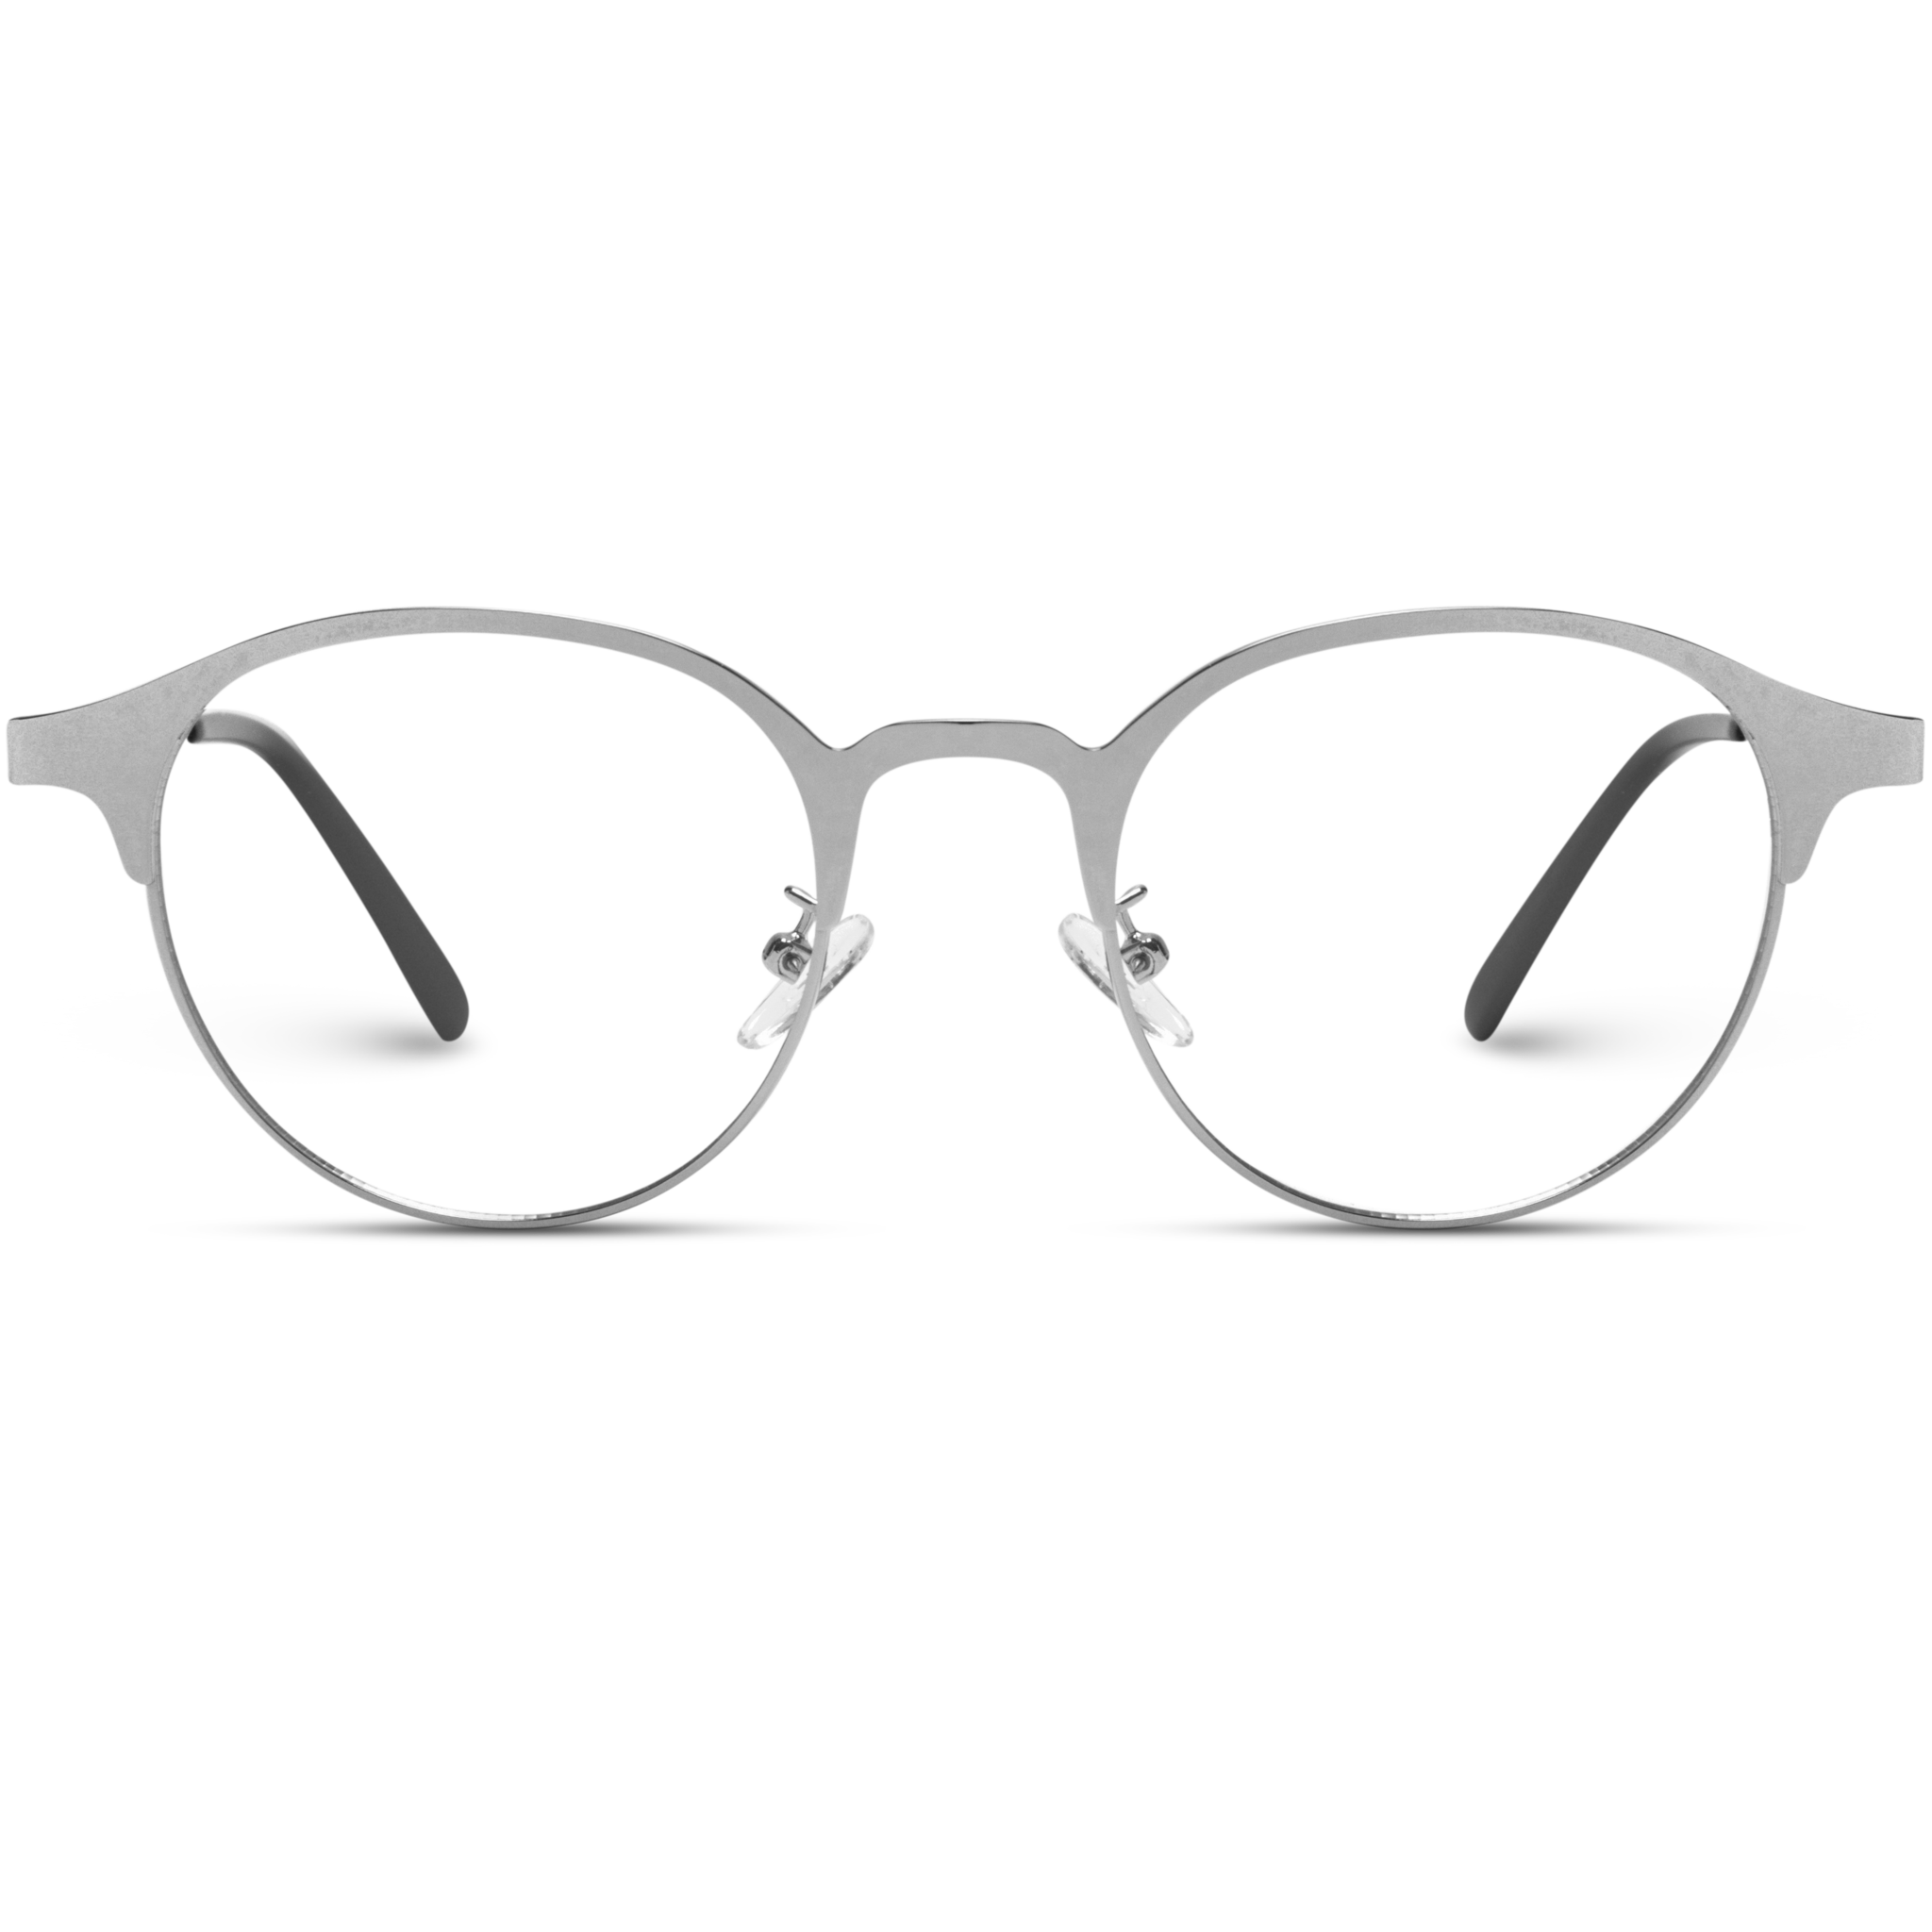 Prescription Round Glasses For Men Silver Frame Metal Eyeglasses Back To School Trends 2019 Retro Glasses Glasses Timeless Sunglasses